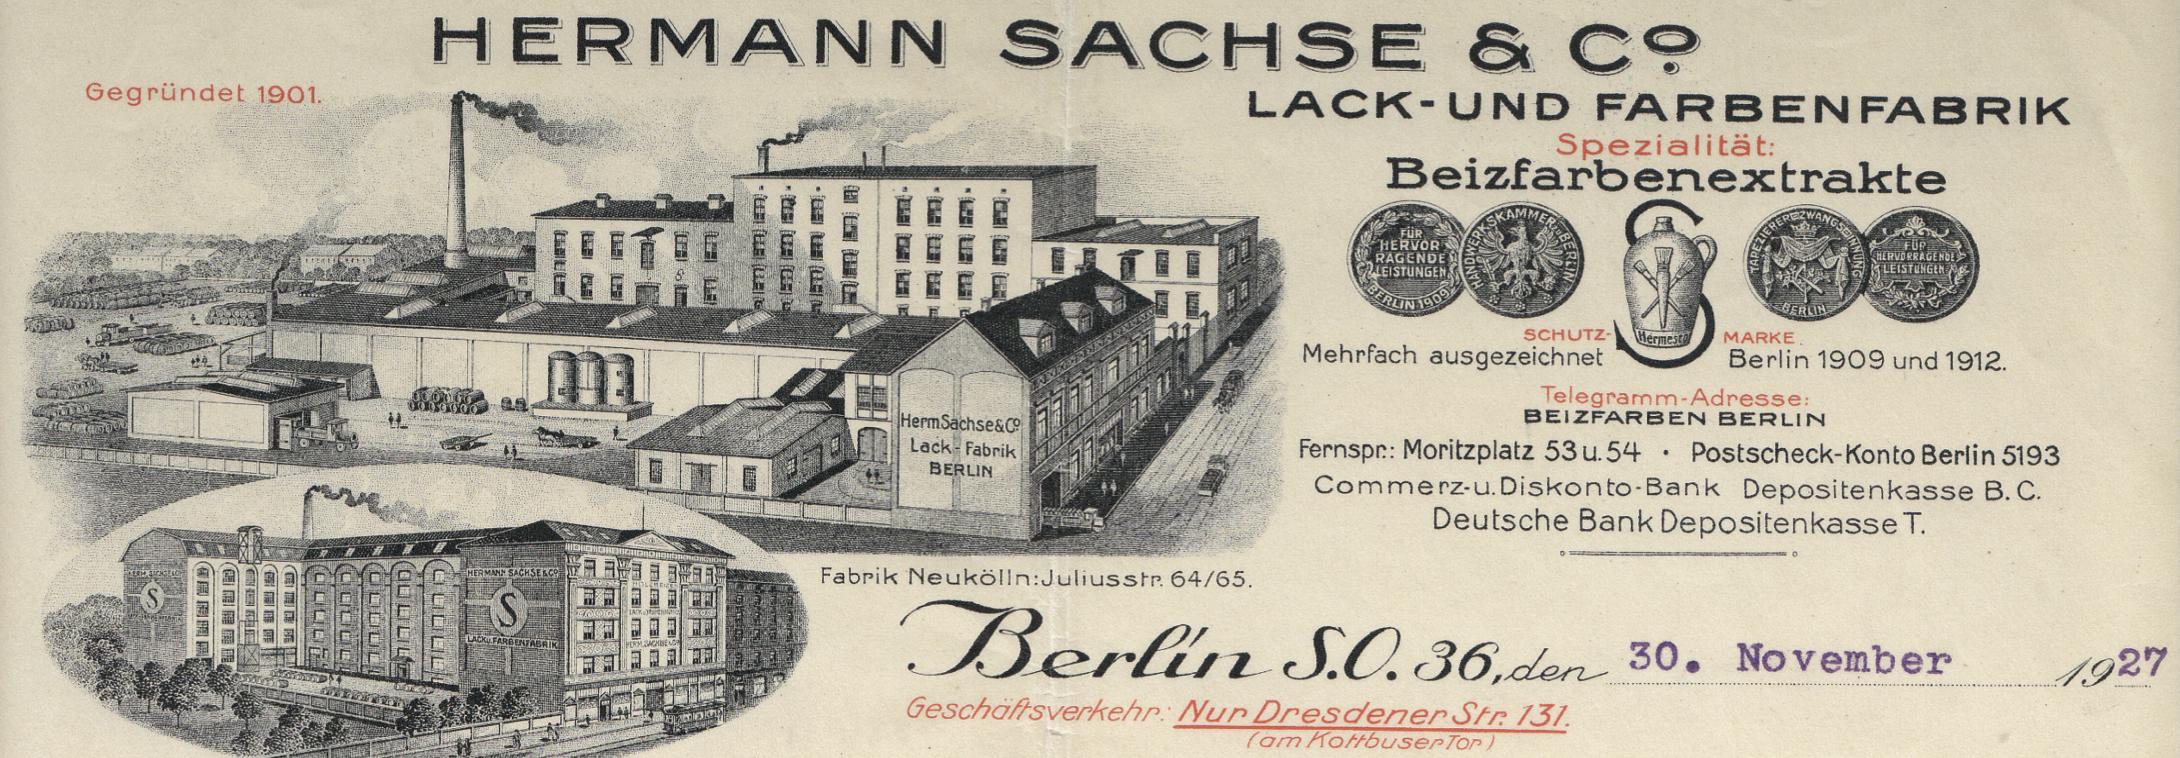 Hermann Sachse Fabrik in Berlin Kreuzberg